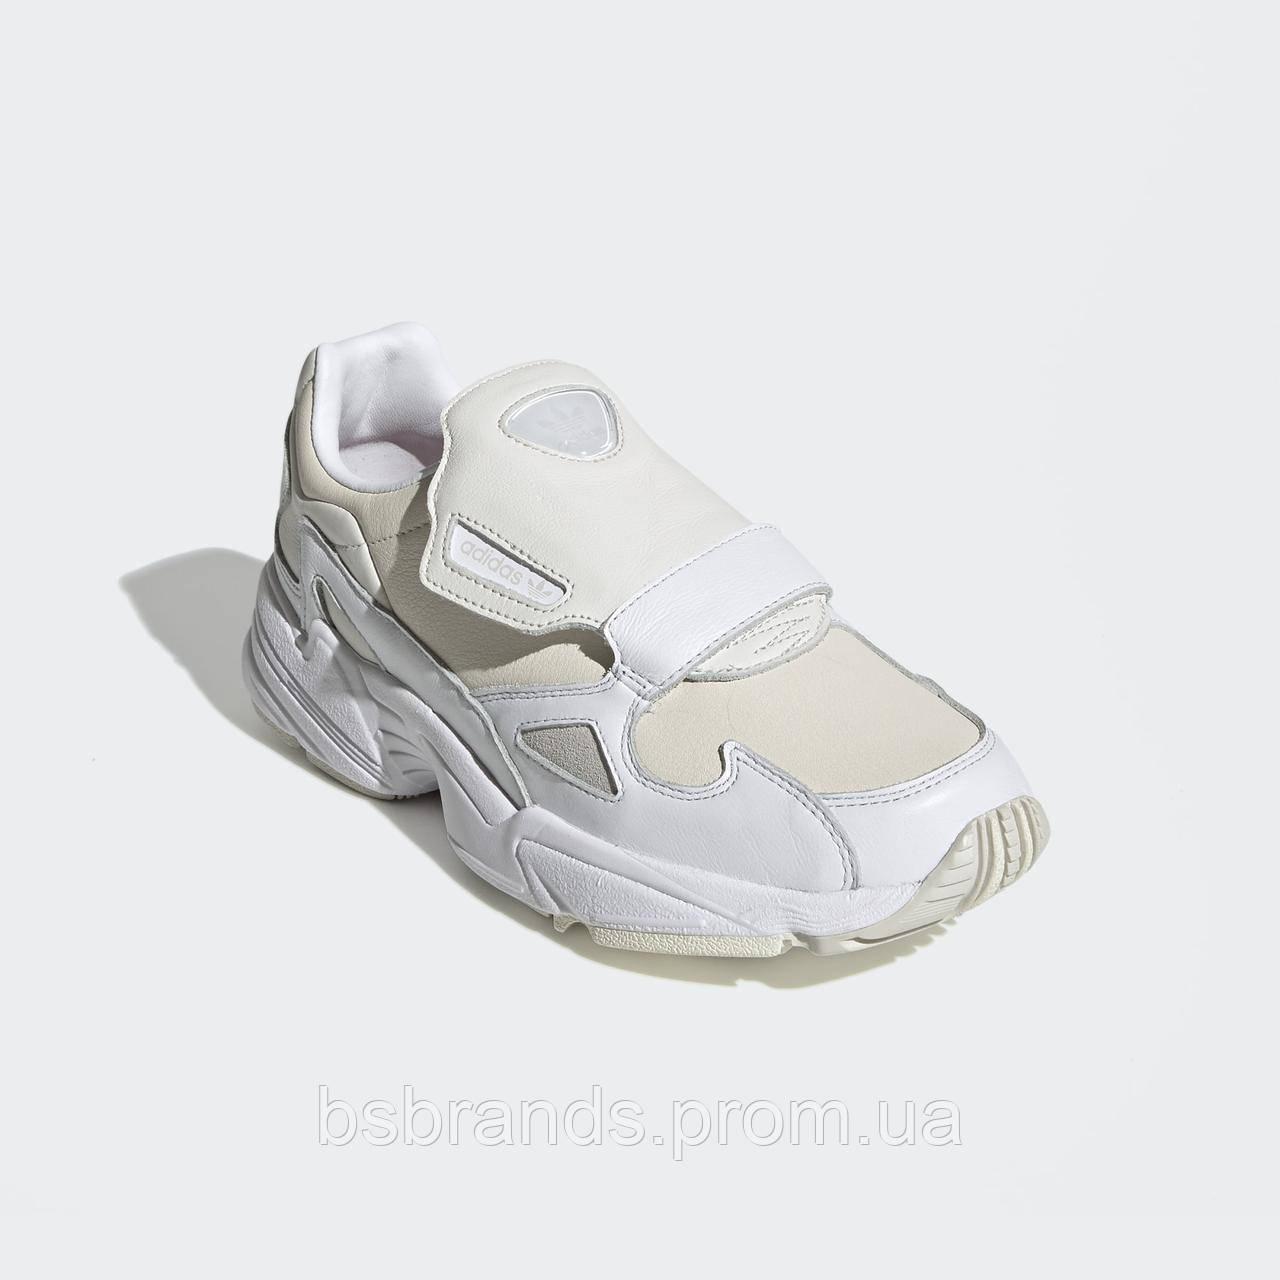 Женские кроссовки adidas Falcon RX EE5110